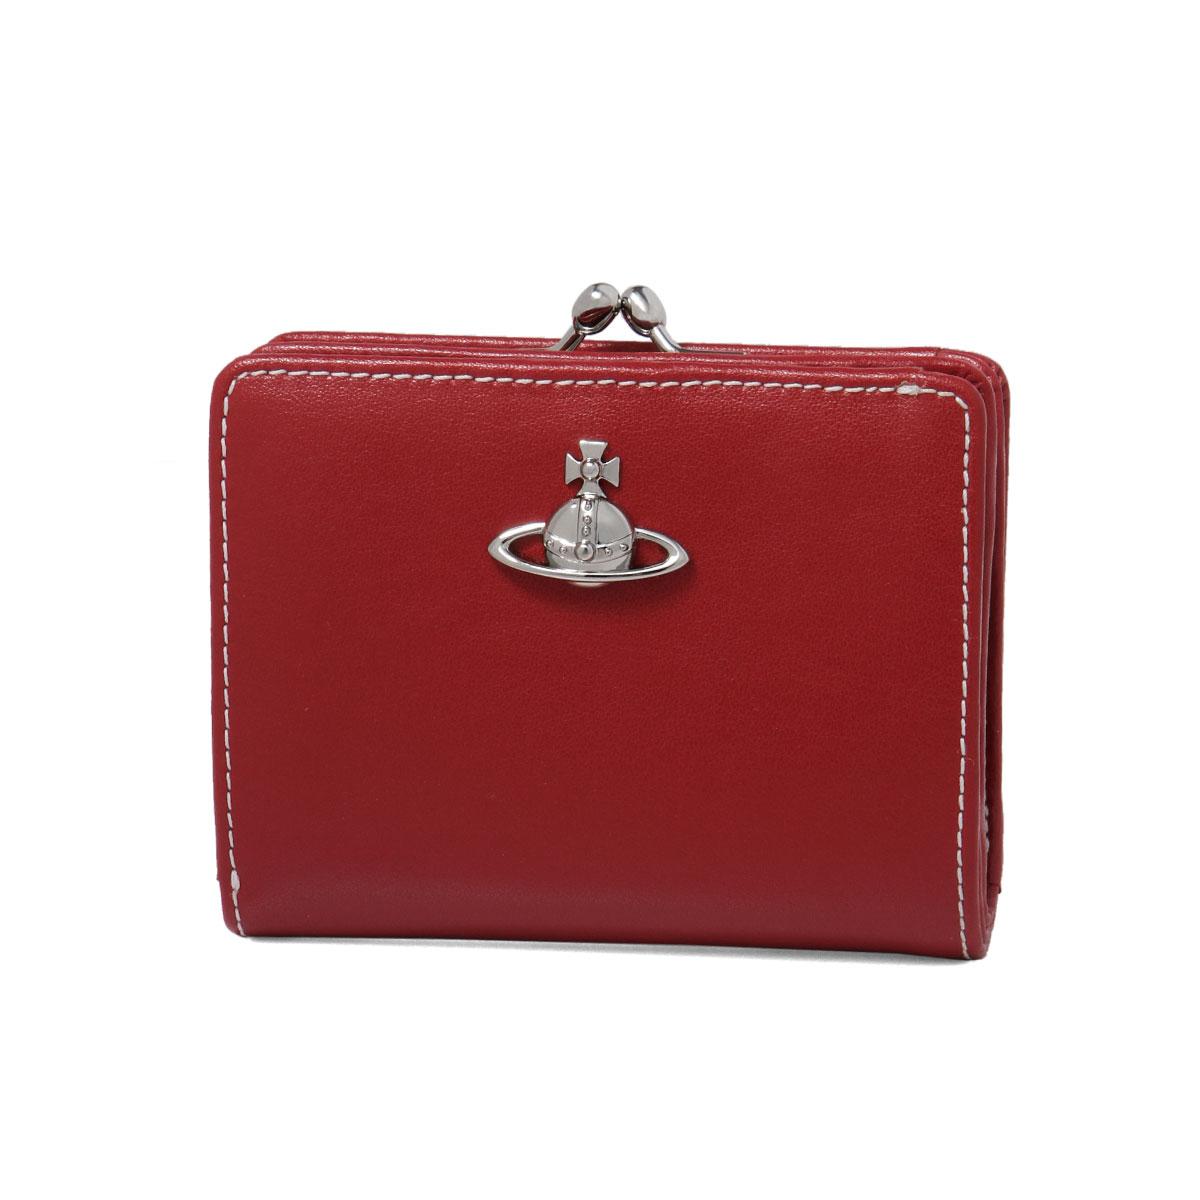 ヴィヴィアン ウエストウッド VIVIENNE WESTWOOD 財布 レディース 51010020 40525 H401 二つ折り財布 MATILDA マチルダ RED レッド